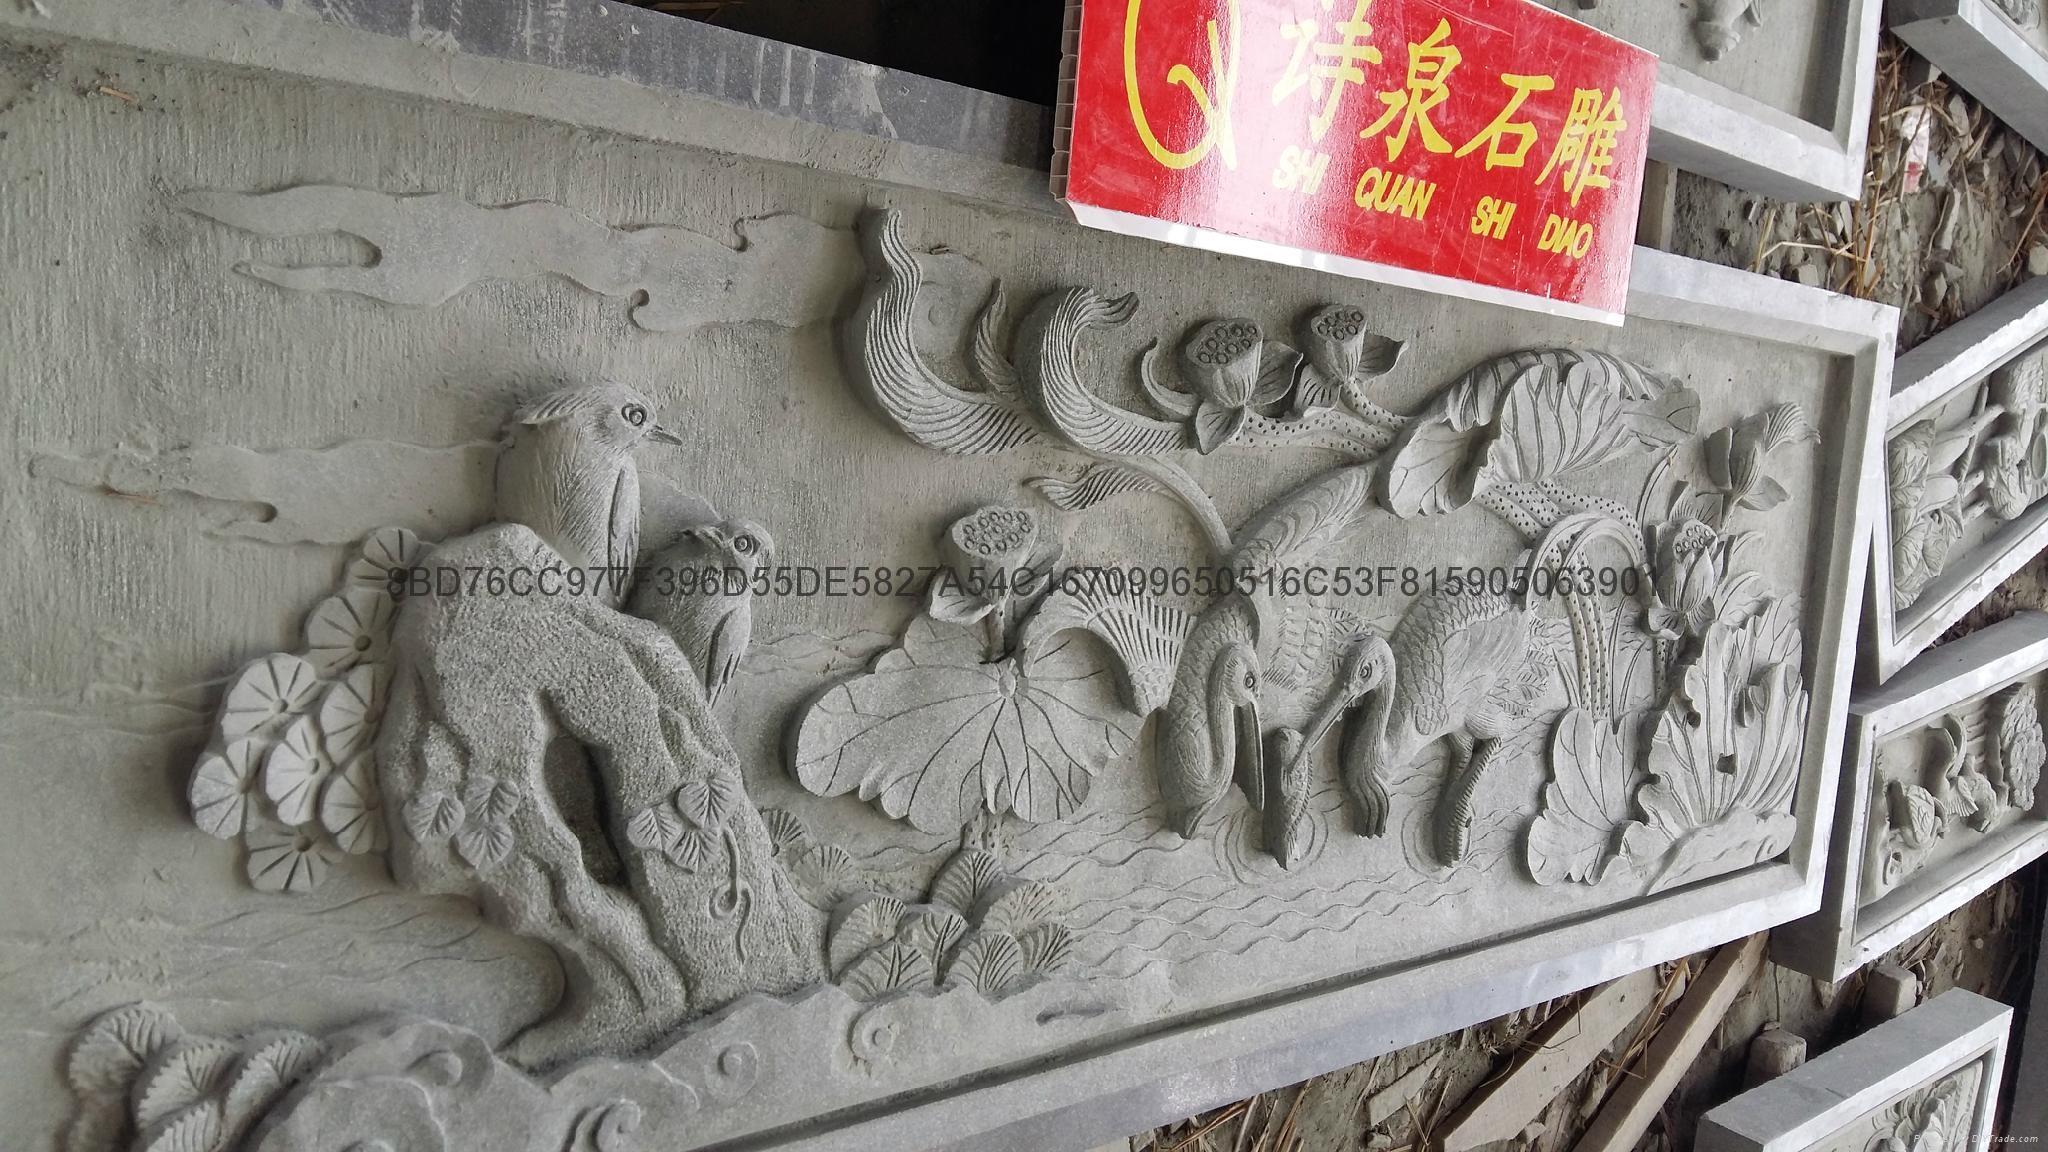 福建石雕廠供應青石浮雕石材雕刻 13